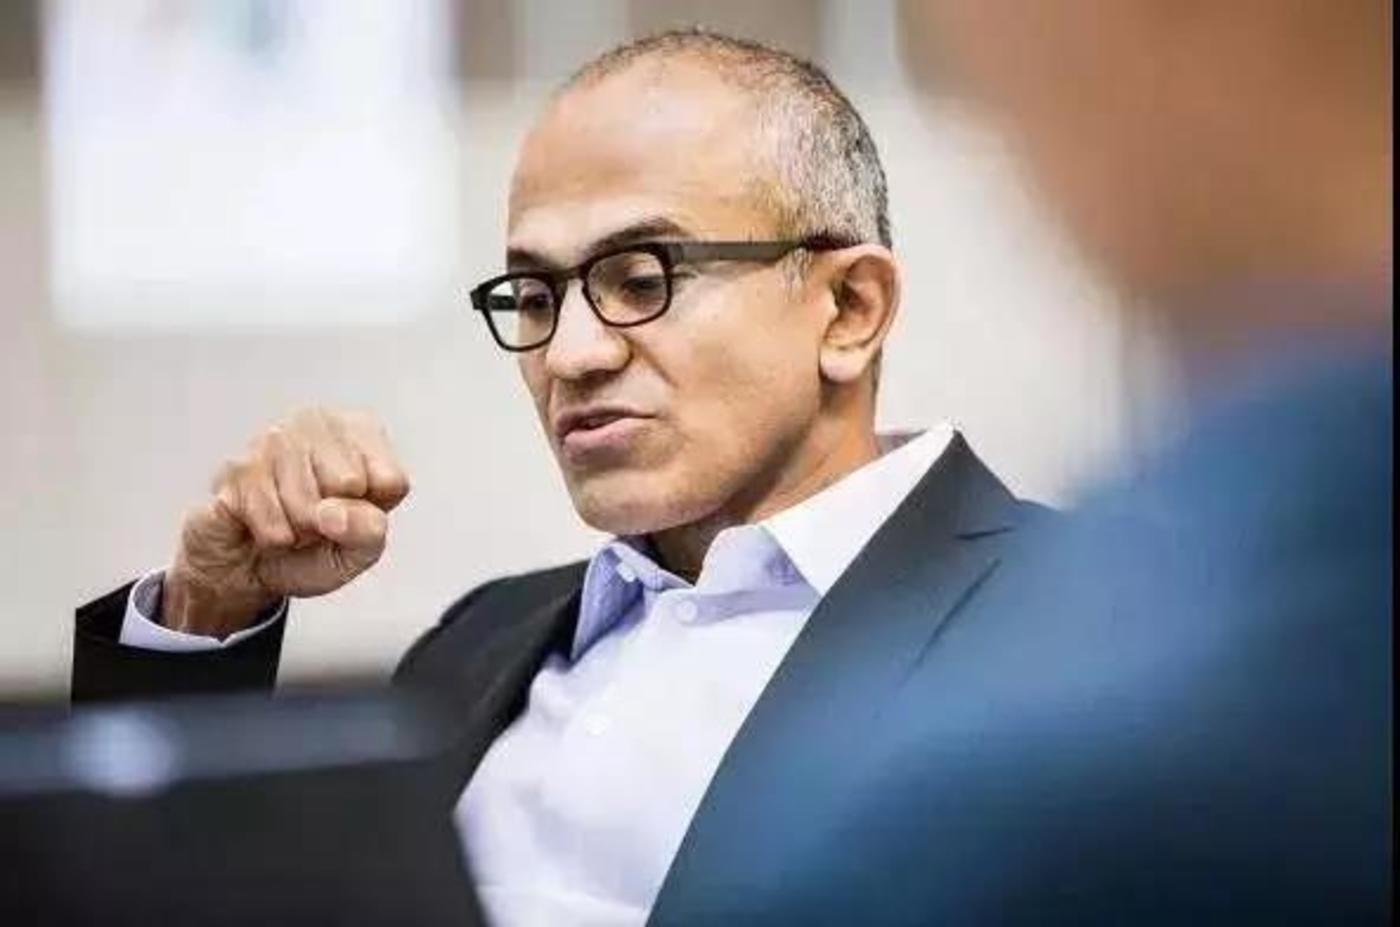 2014 年 2 月 4 日,纳德拉对微软员工进行了首次演讲,图源来自微软官方Twitter